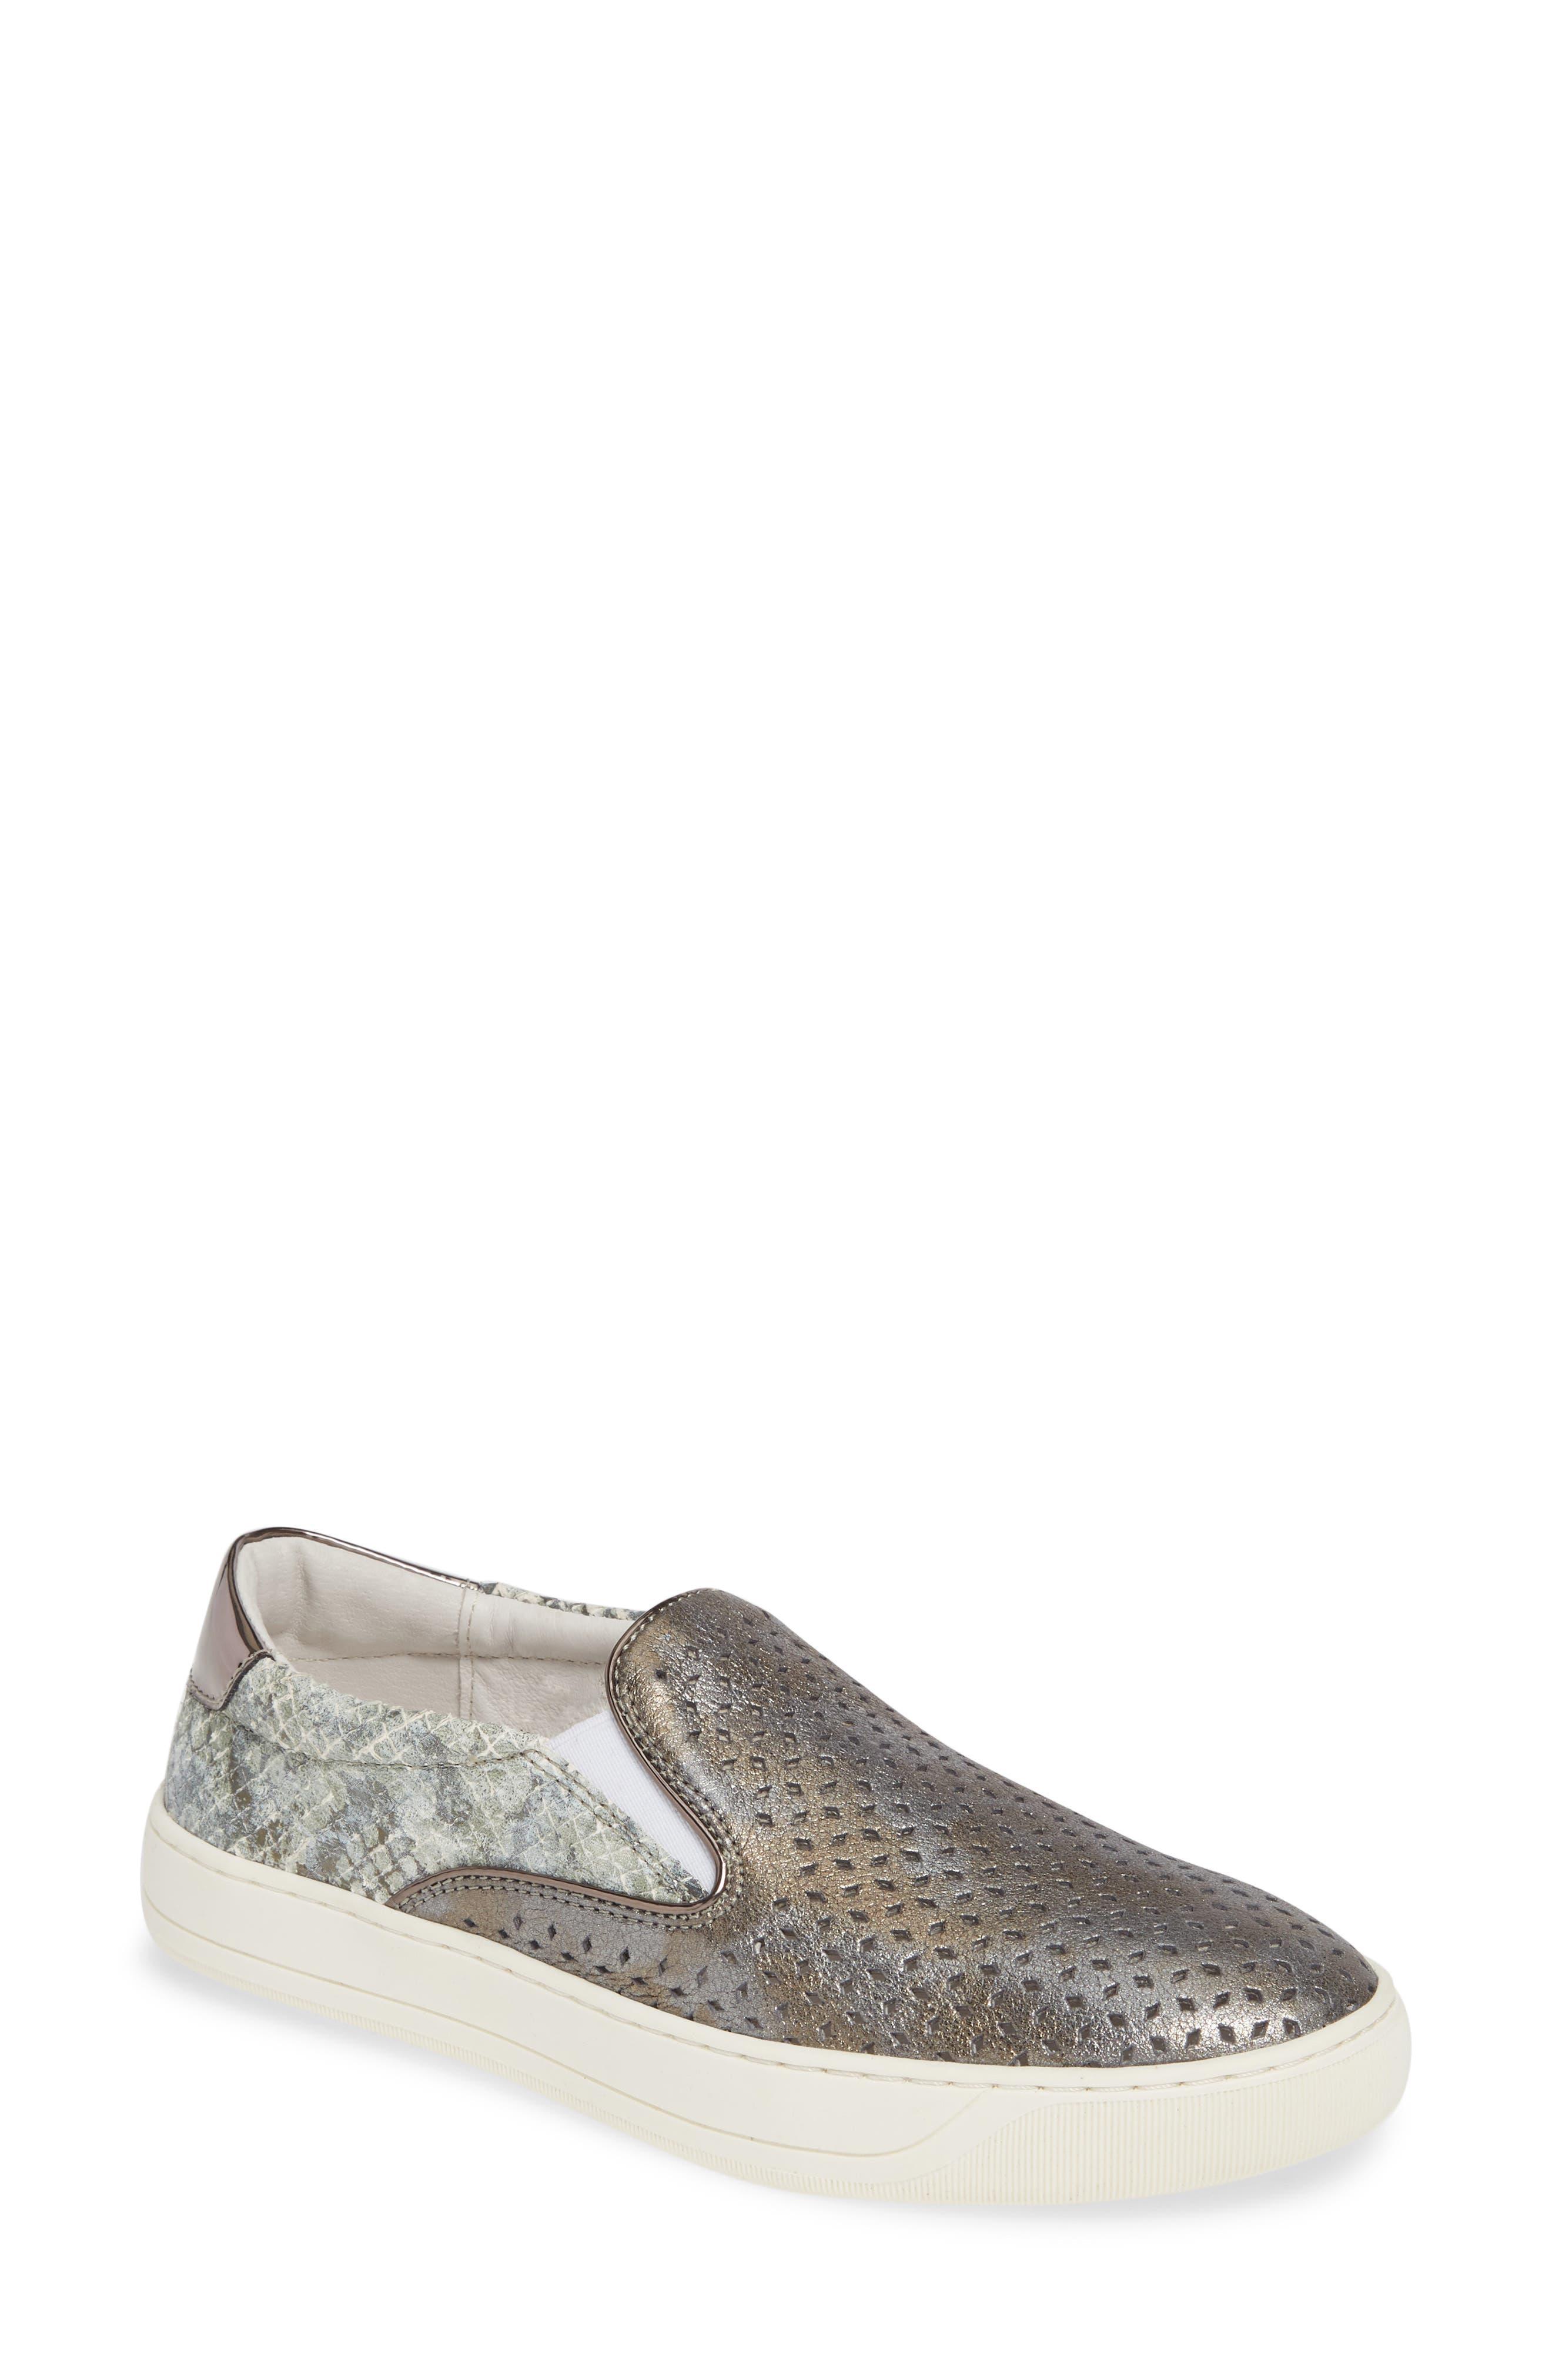 Johnston & Murphy Elaine Perforated Slip-On Sneaker